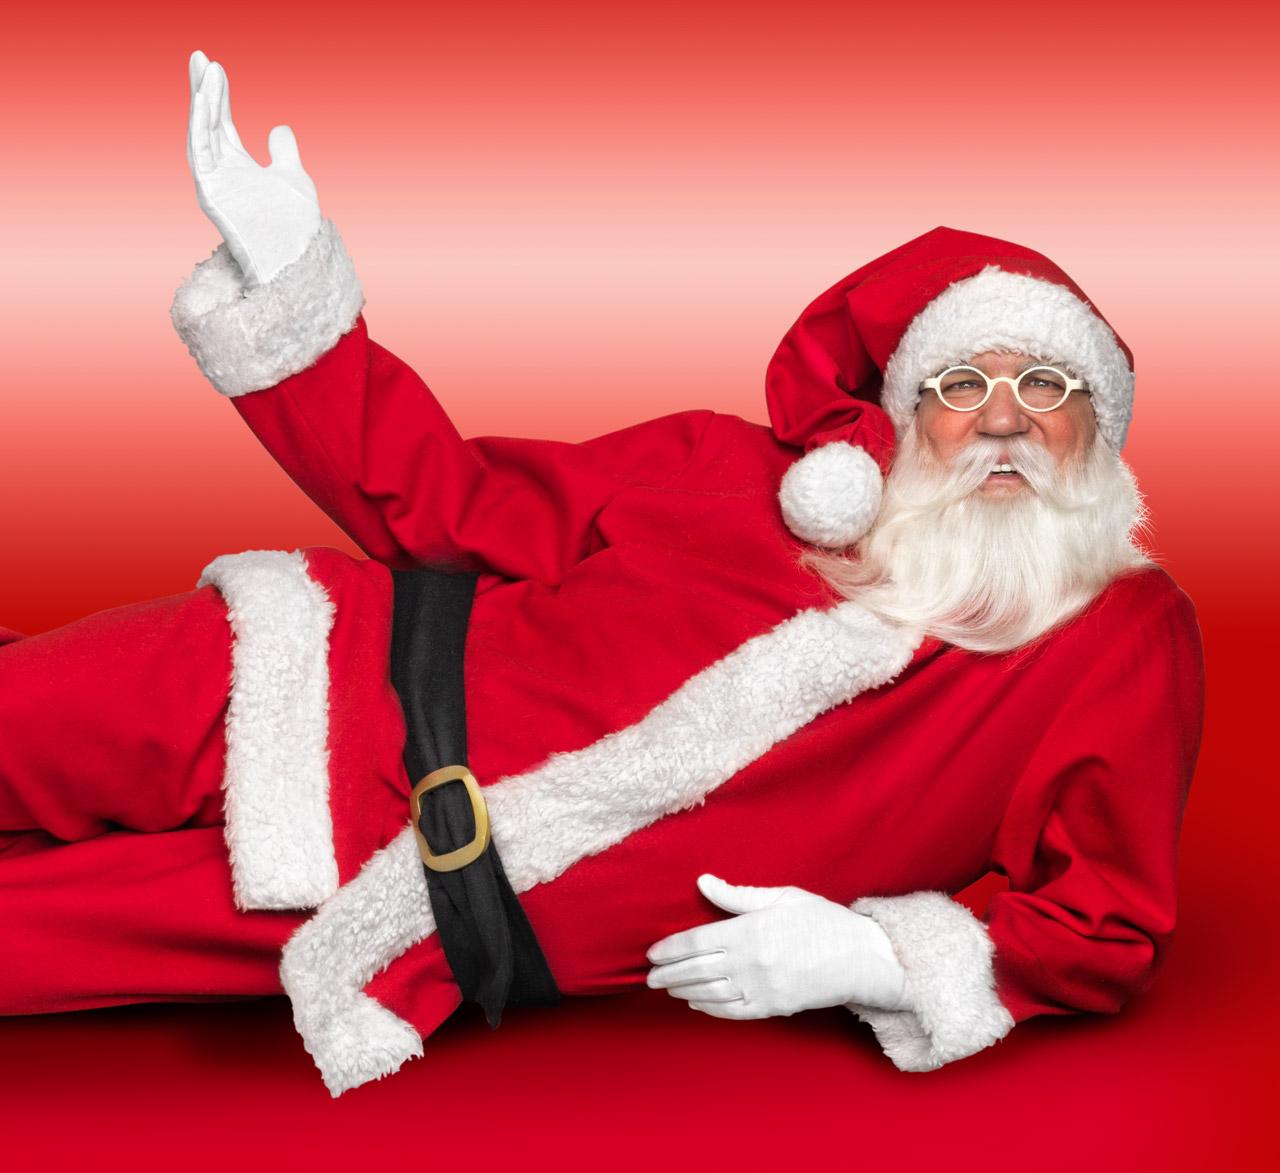 Babbo Natale 2000.Peschiera Borromeo Cercasi Babbo Natale Disperatamente Si